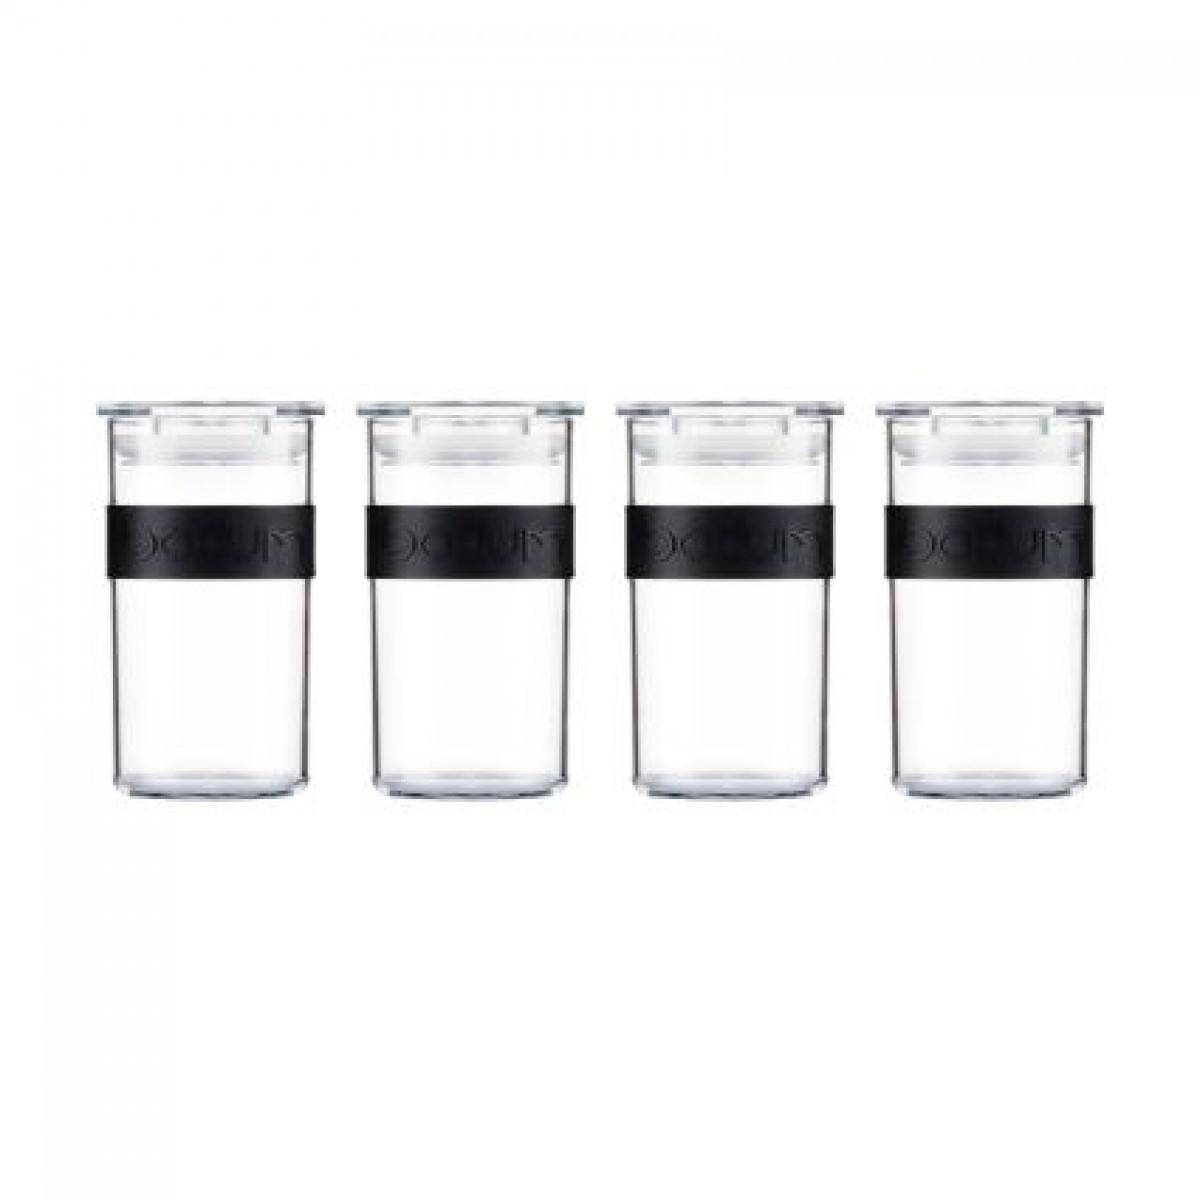 BODUMOpbevaringsglaspresso025ltrbrudsikkert4stk-02